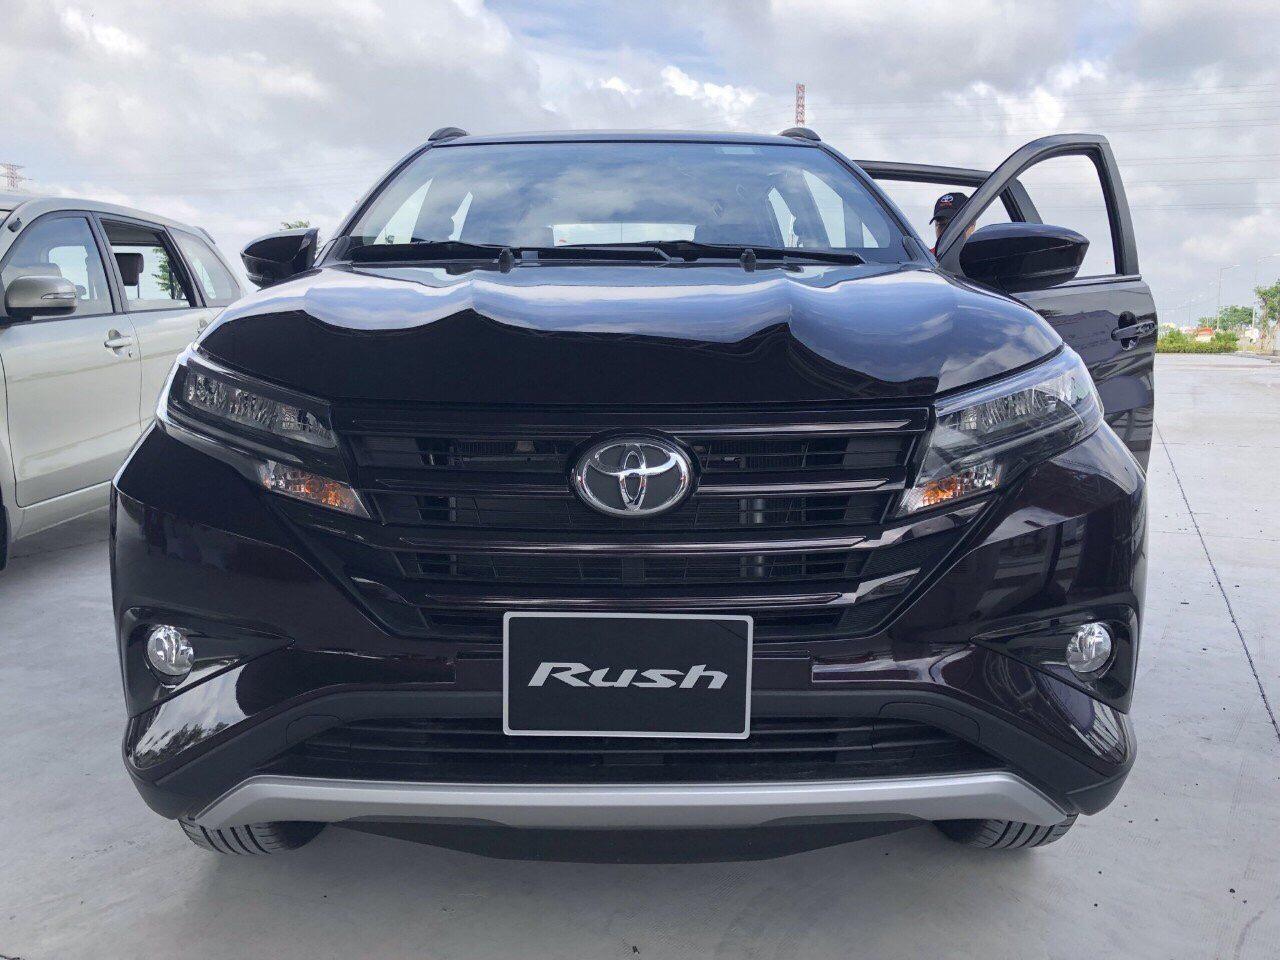 Toyota Rush màu nâu ảnh 3 - Toyota Rush: giá xe và khuyến mãi tháng [hienthithang]